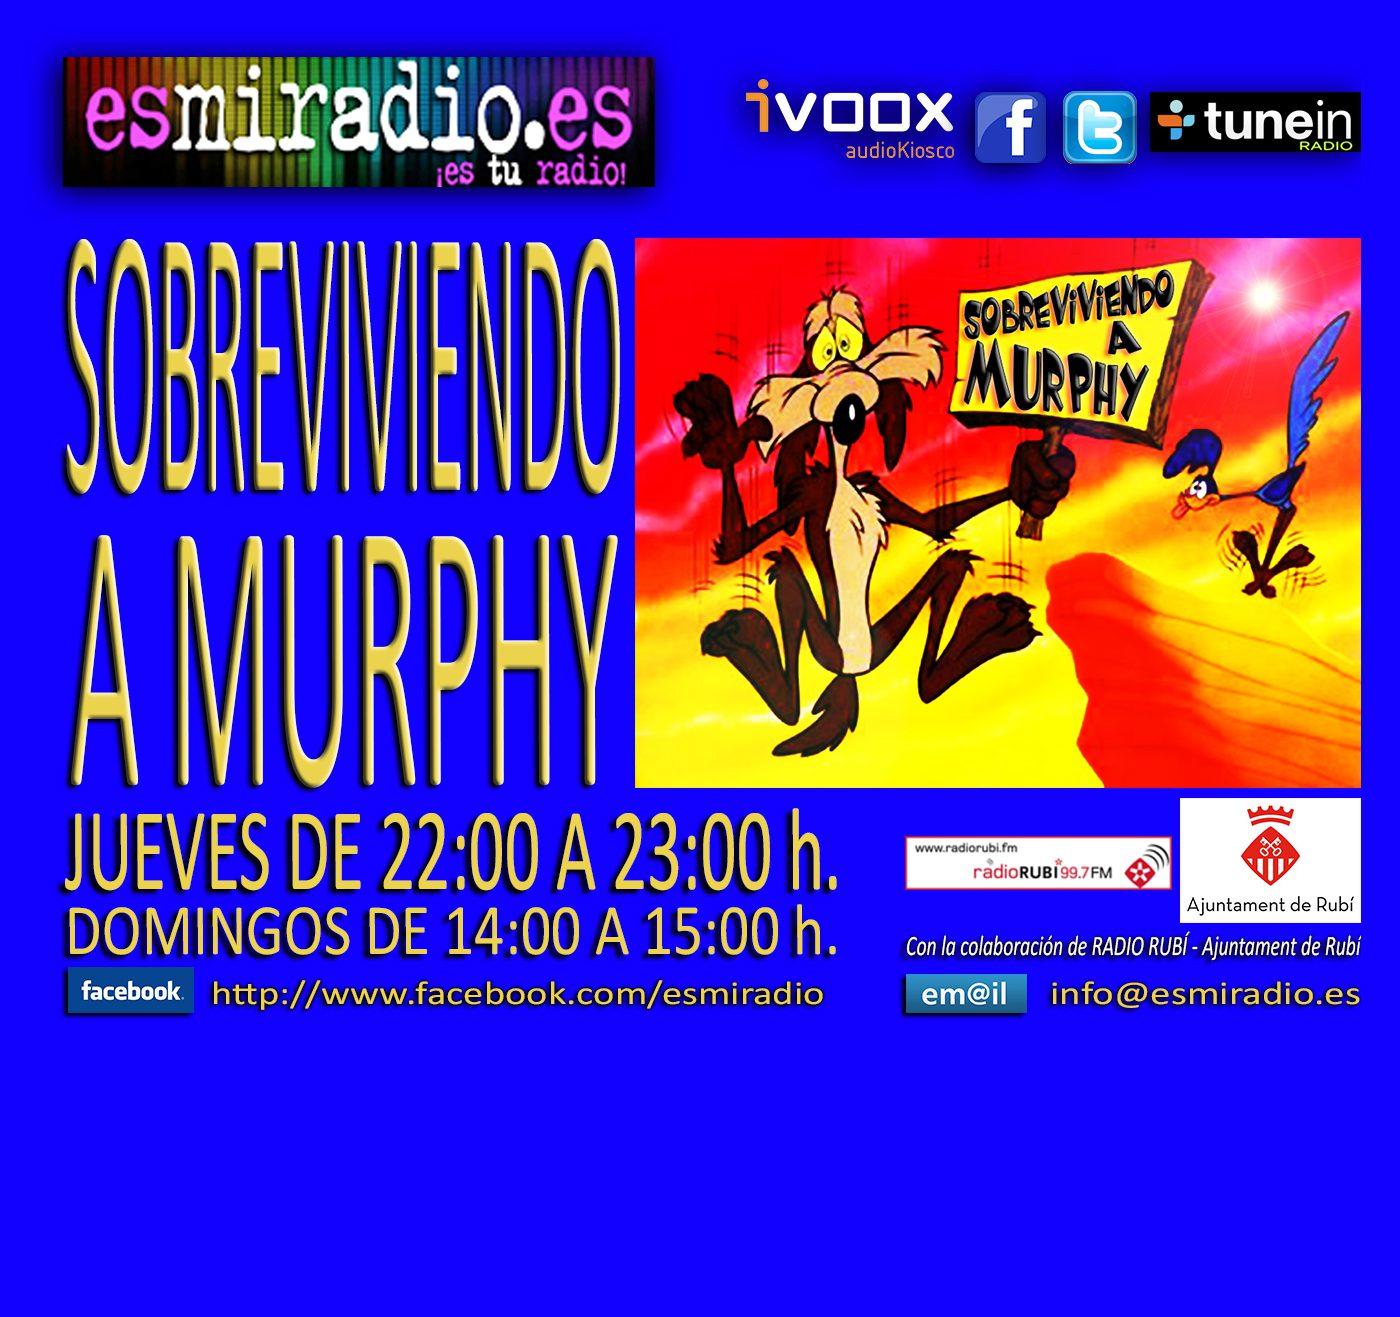 """""""Sobreviviendo a Murphy"""" en esmiradio.es"""